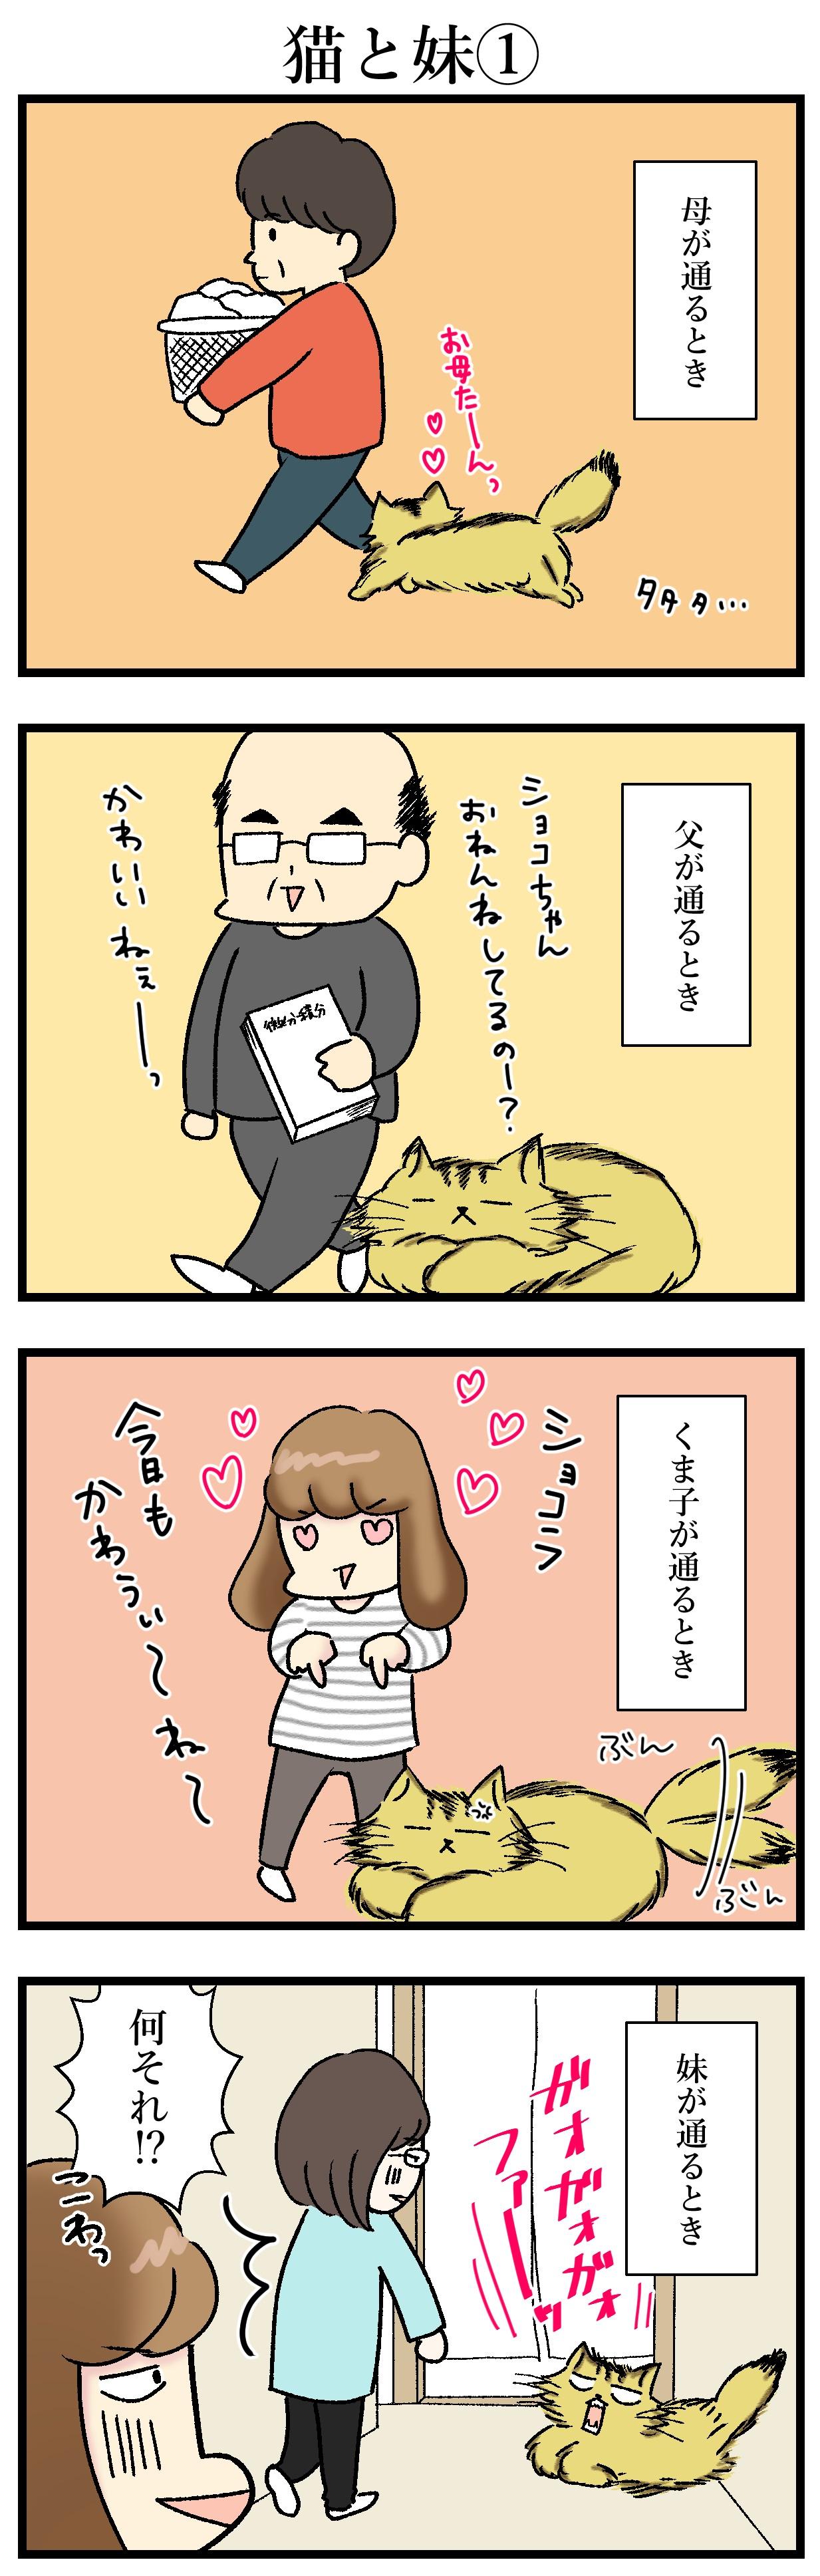 【エッセイ漫画】アラサー主婦くま子のふがいない日常(74)